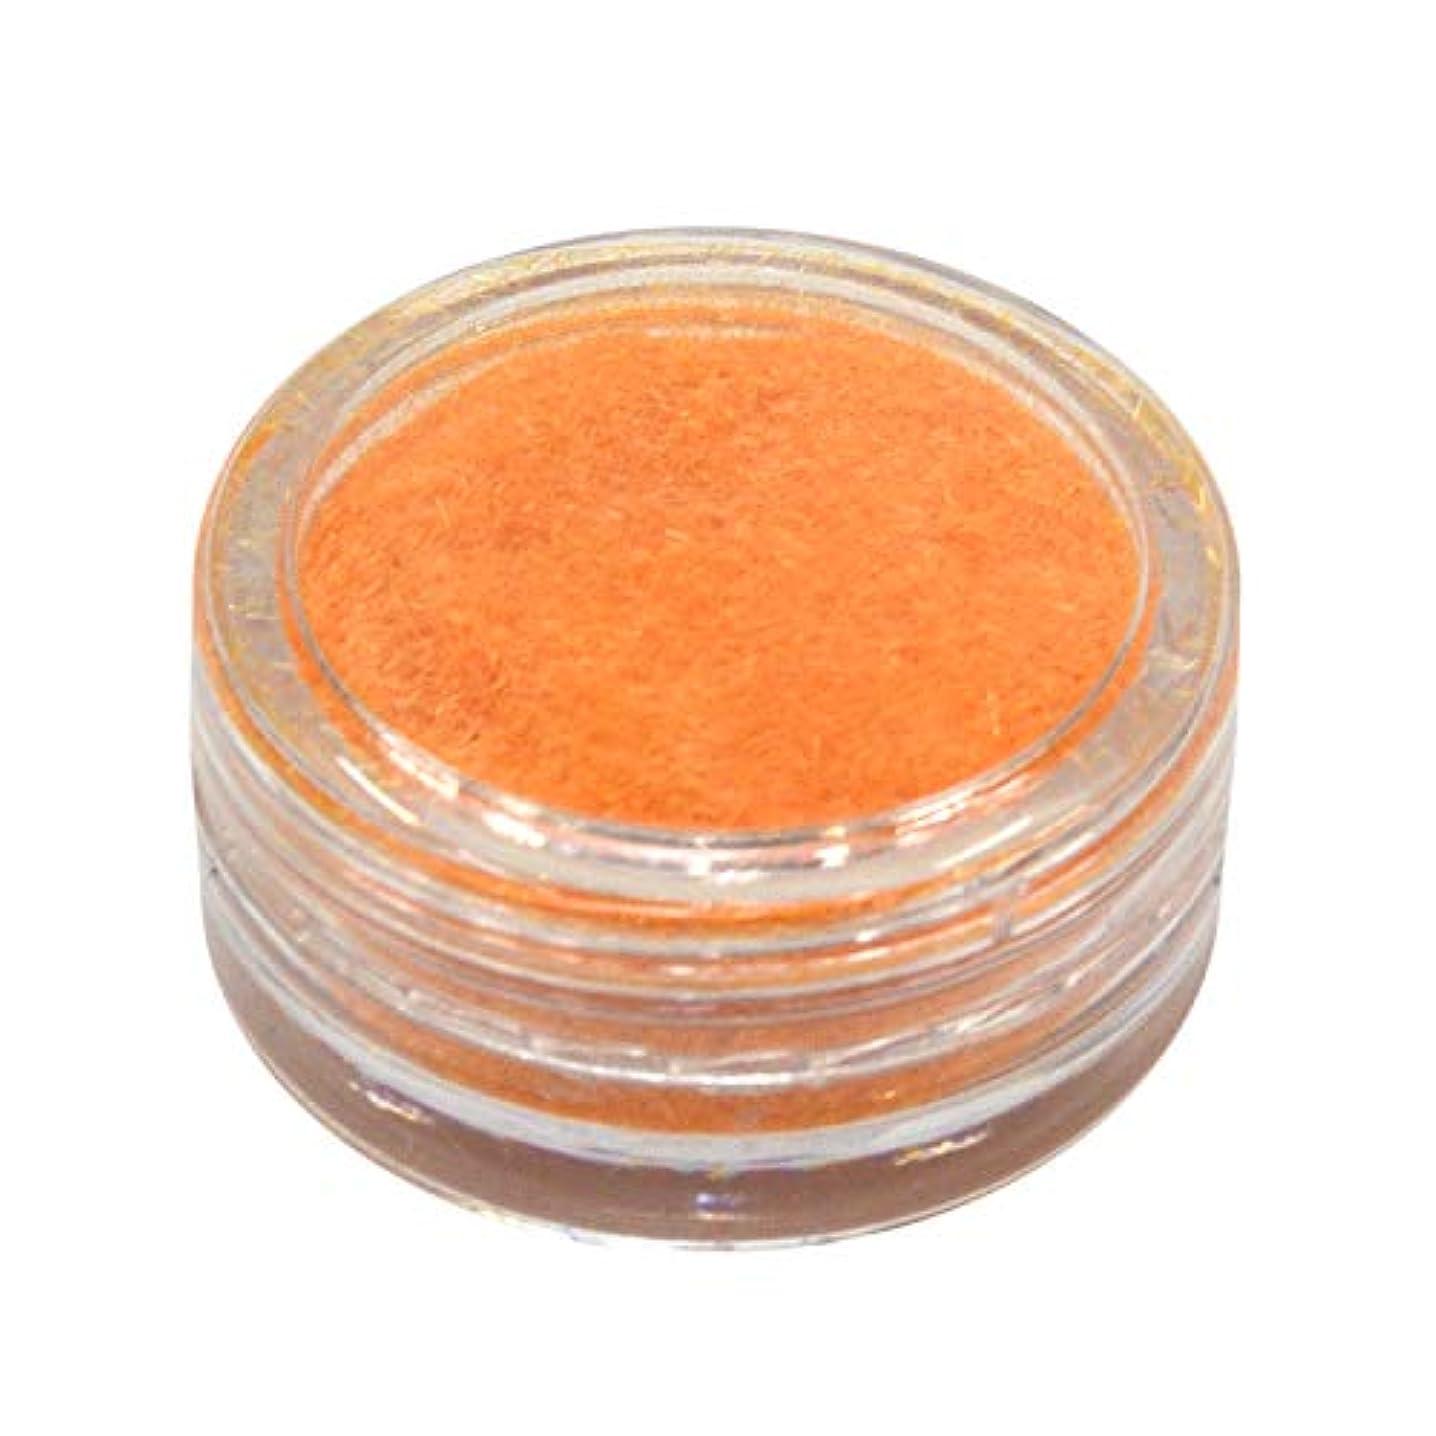 情報浴室ゆるいネルパラ ベルベットパウダー #30 オレンジ